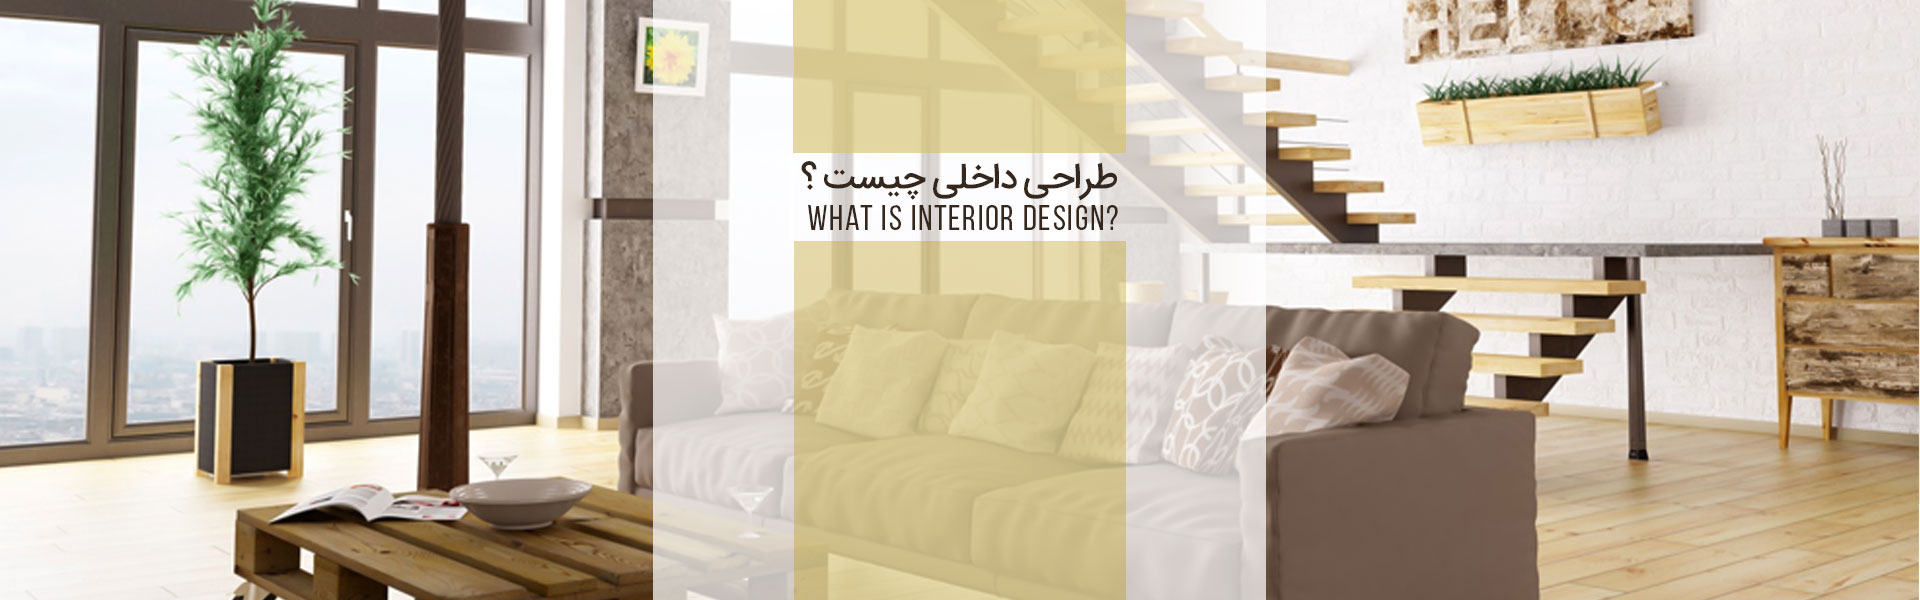 tarahi dakheili chist2 - طراحی داخلی چیست ؟